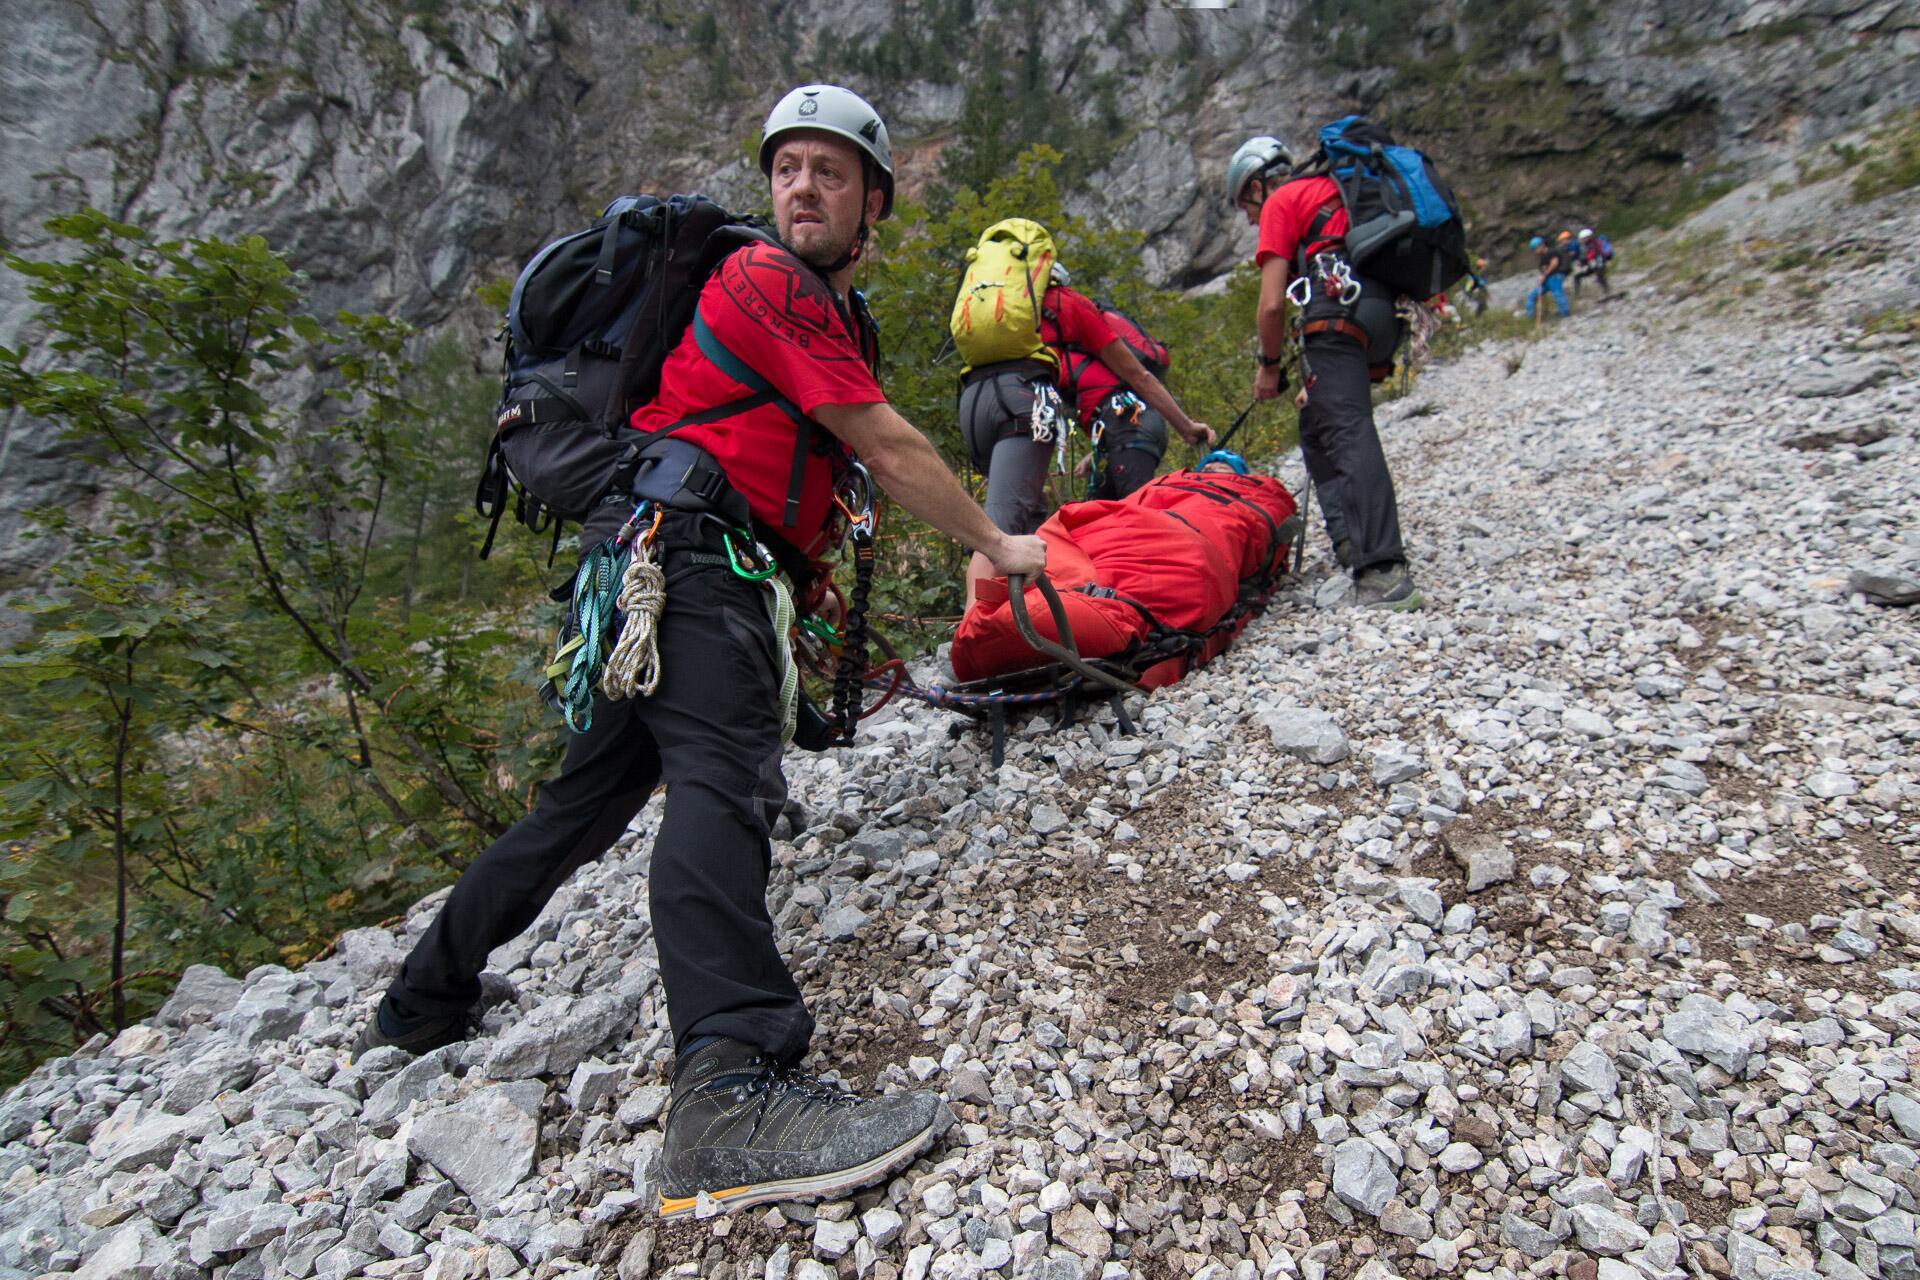 Bild zu Der ÖBRD übt regelmäßig Rettungen im alpinen Gelände